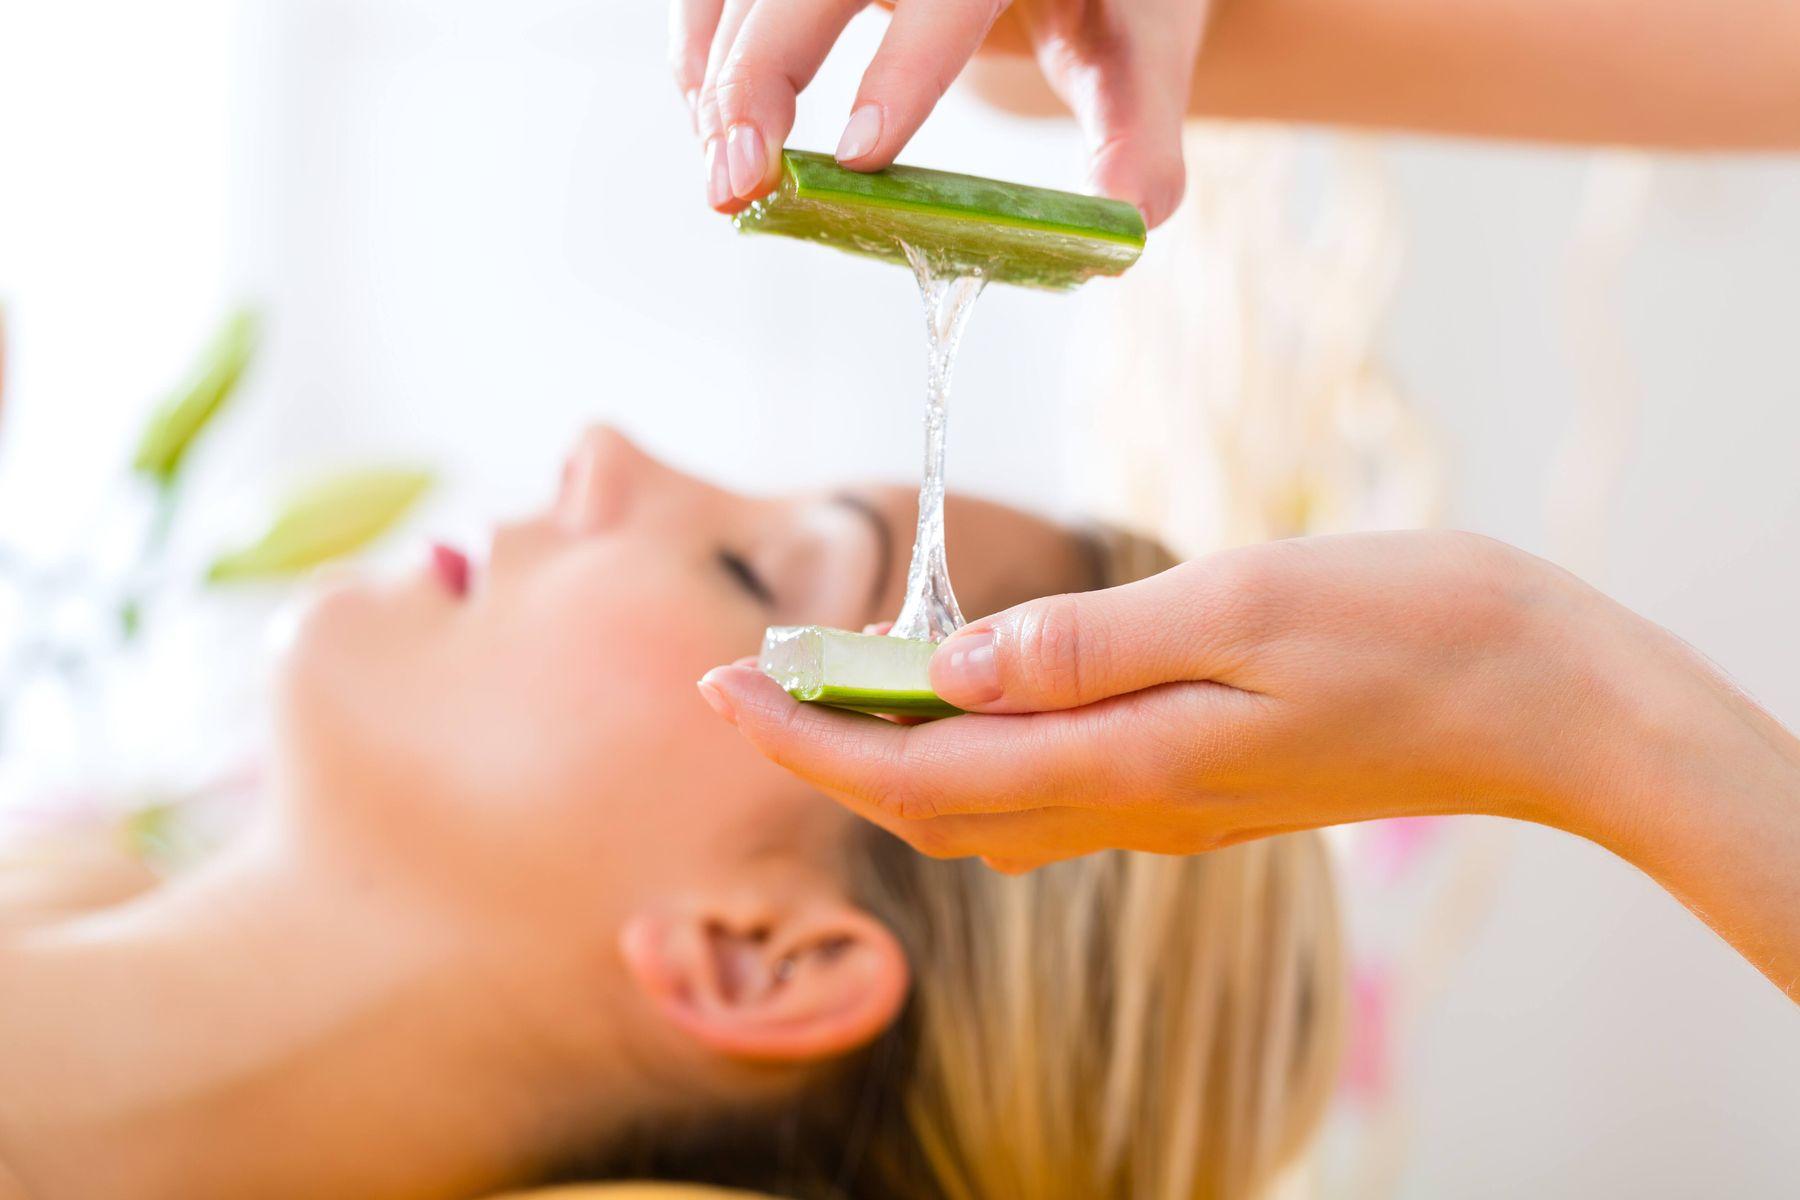 Yaşlanma karşıtı etki, akne tedavisi, ciltteki yaraların tedavisi Aloe veranın faydaları arasında yer alıyor.